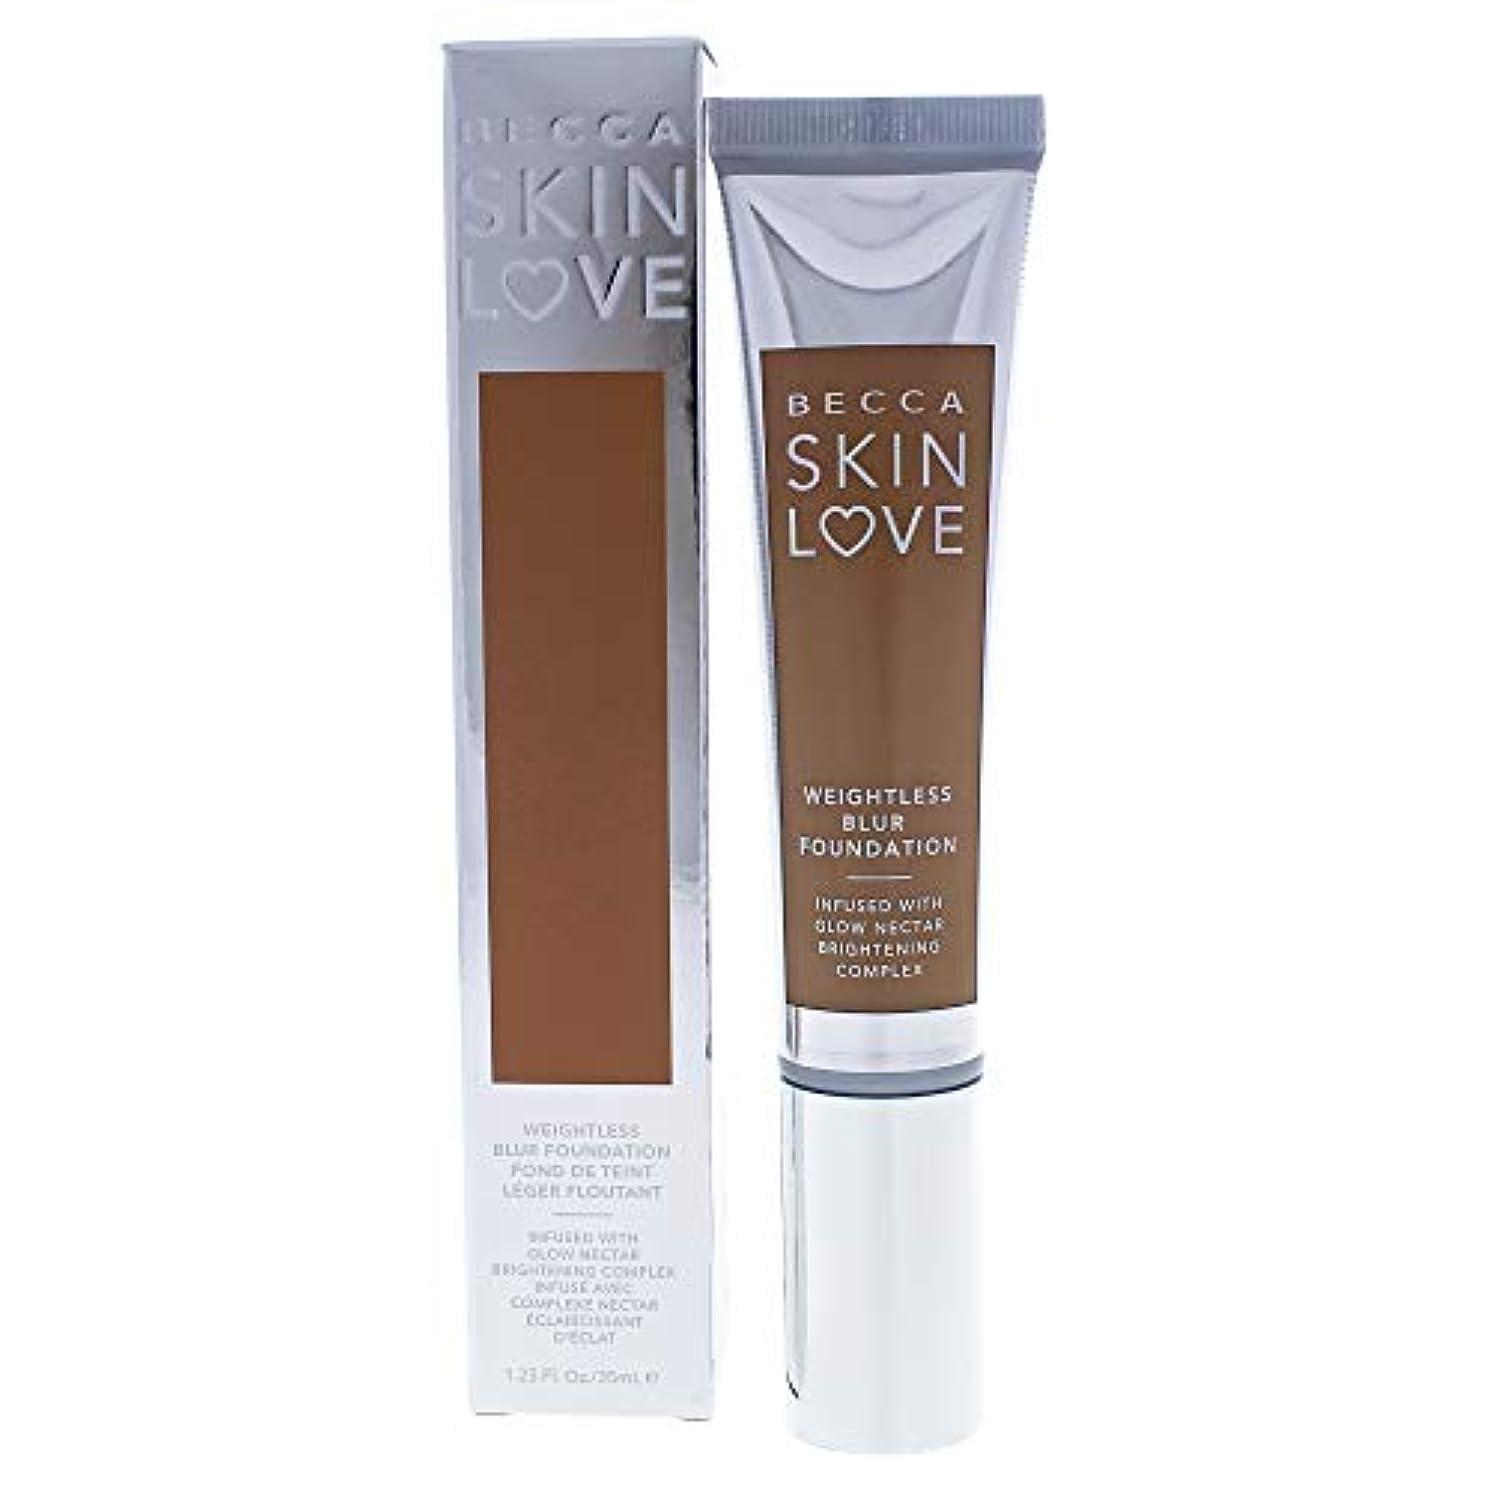 胚芽スリム目指すベッカ Skin Love Weightless Blur Foundation - # Tan 35ml/1.23oz並行輸入品